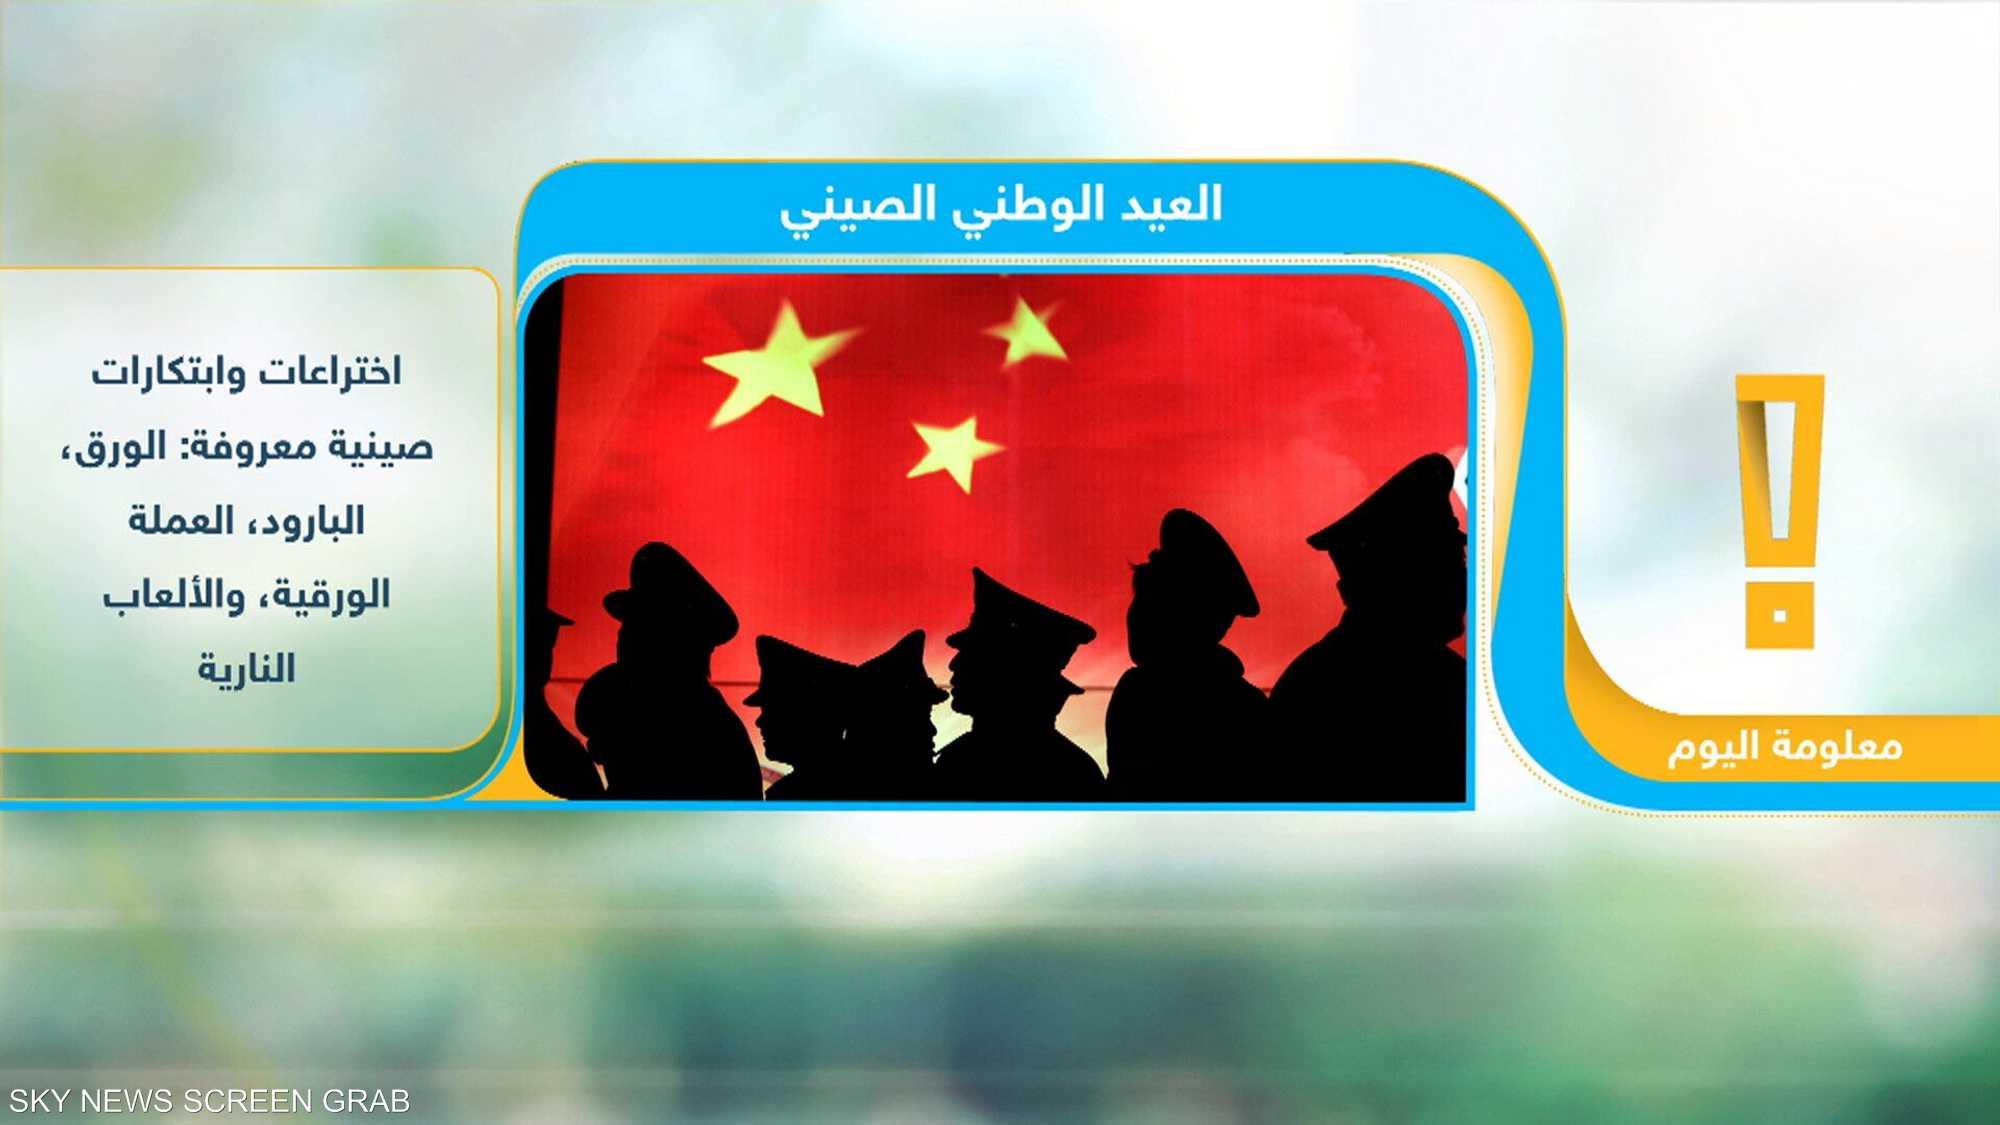 الصين تحتفل بذكرى قيامها